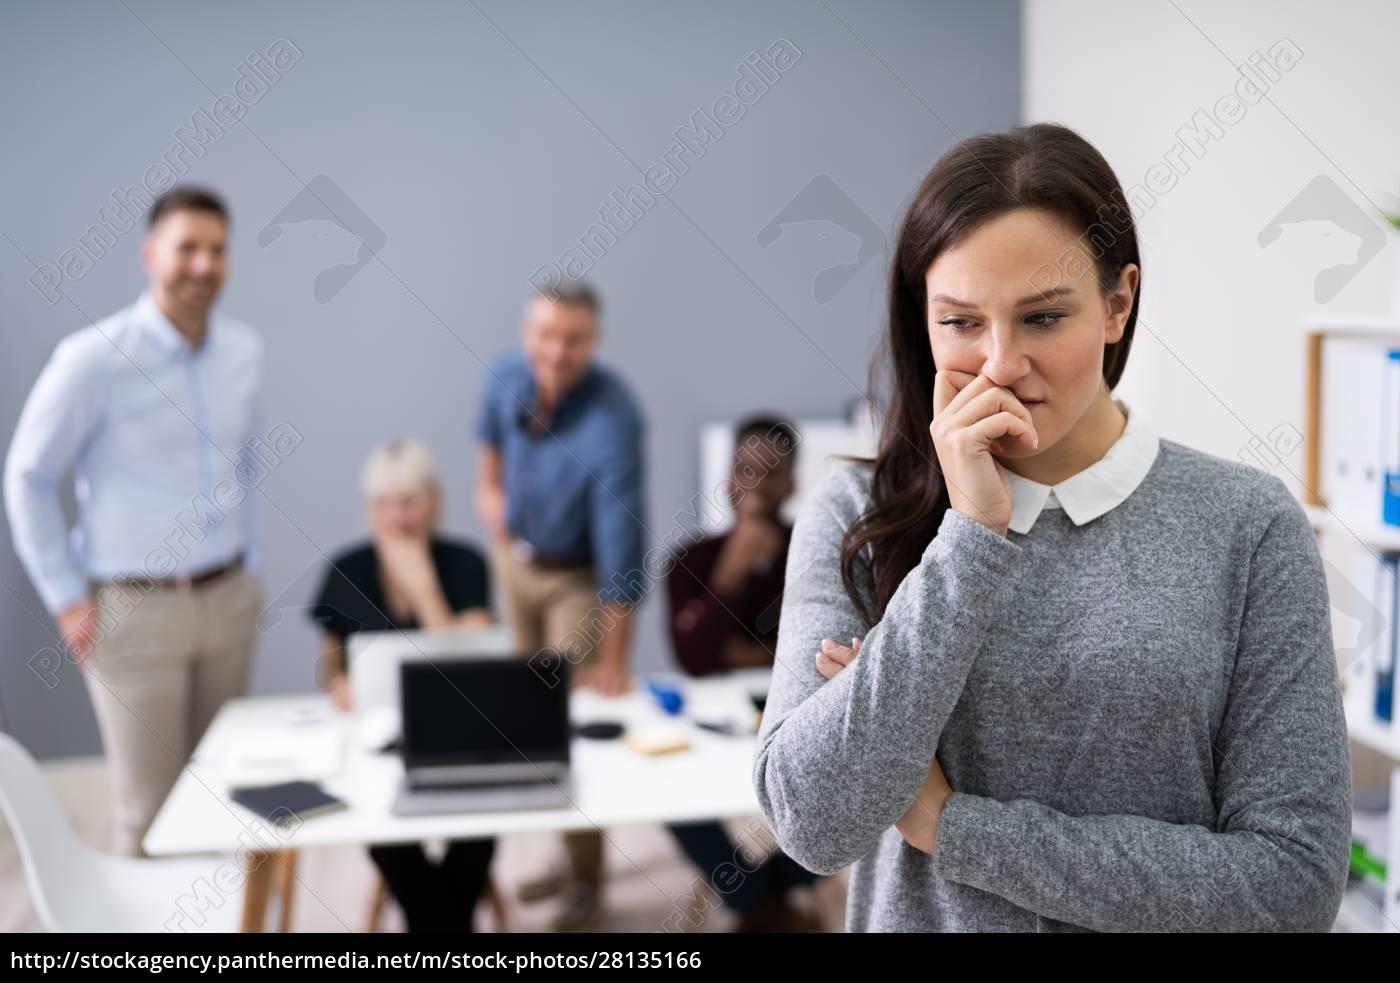 portræt, af, en, ulykkelig, forretningskvinde - 28135166